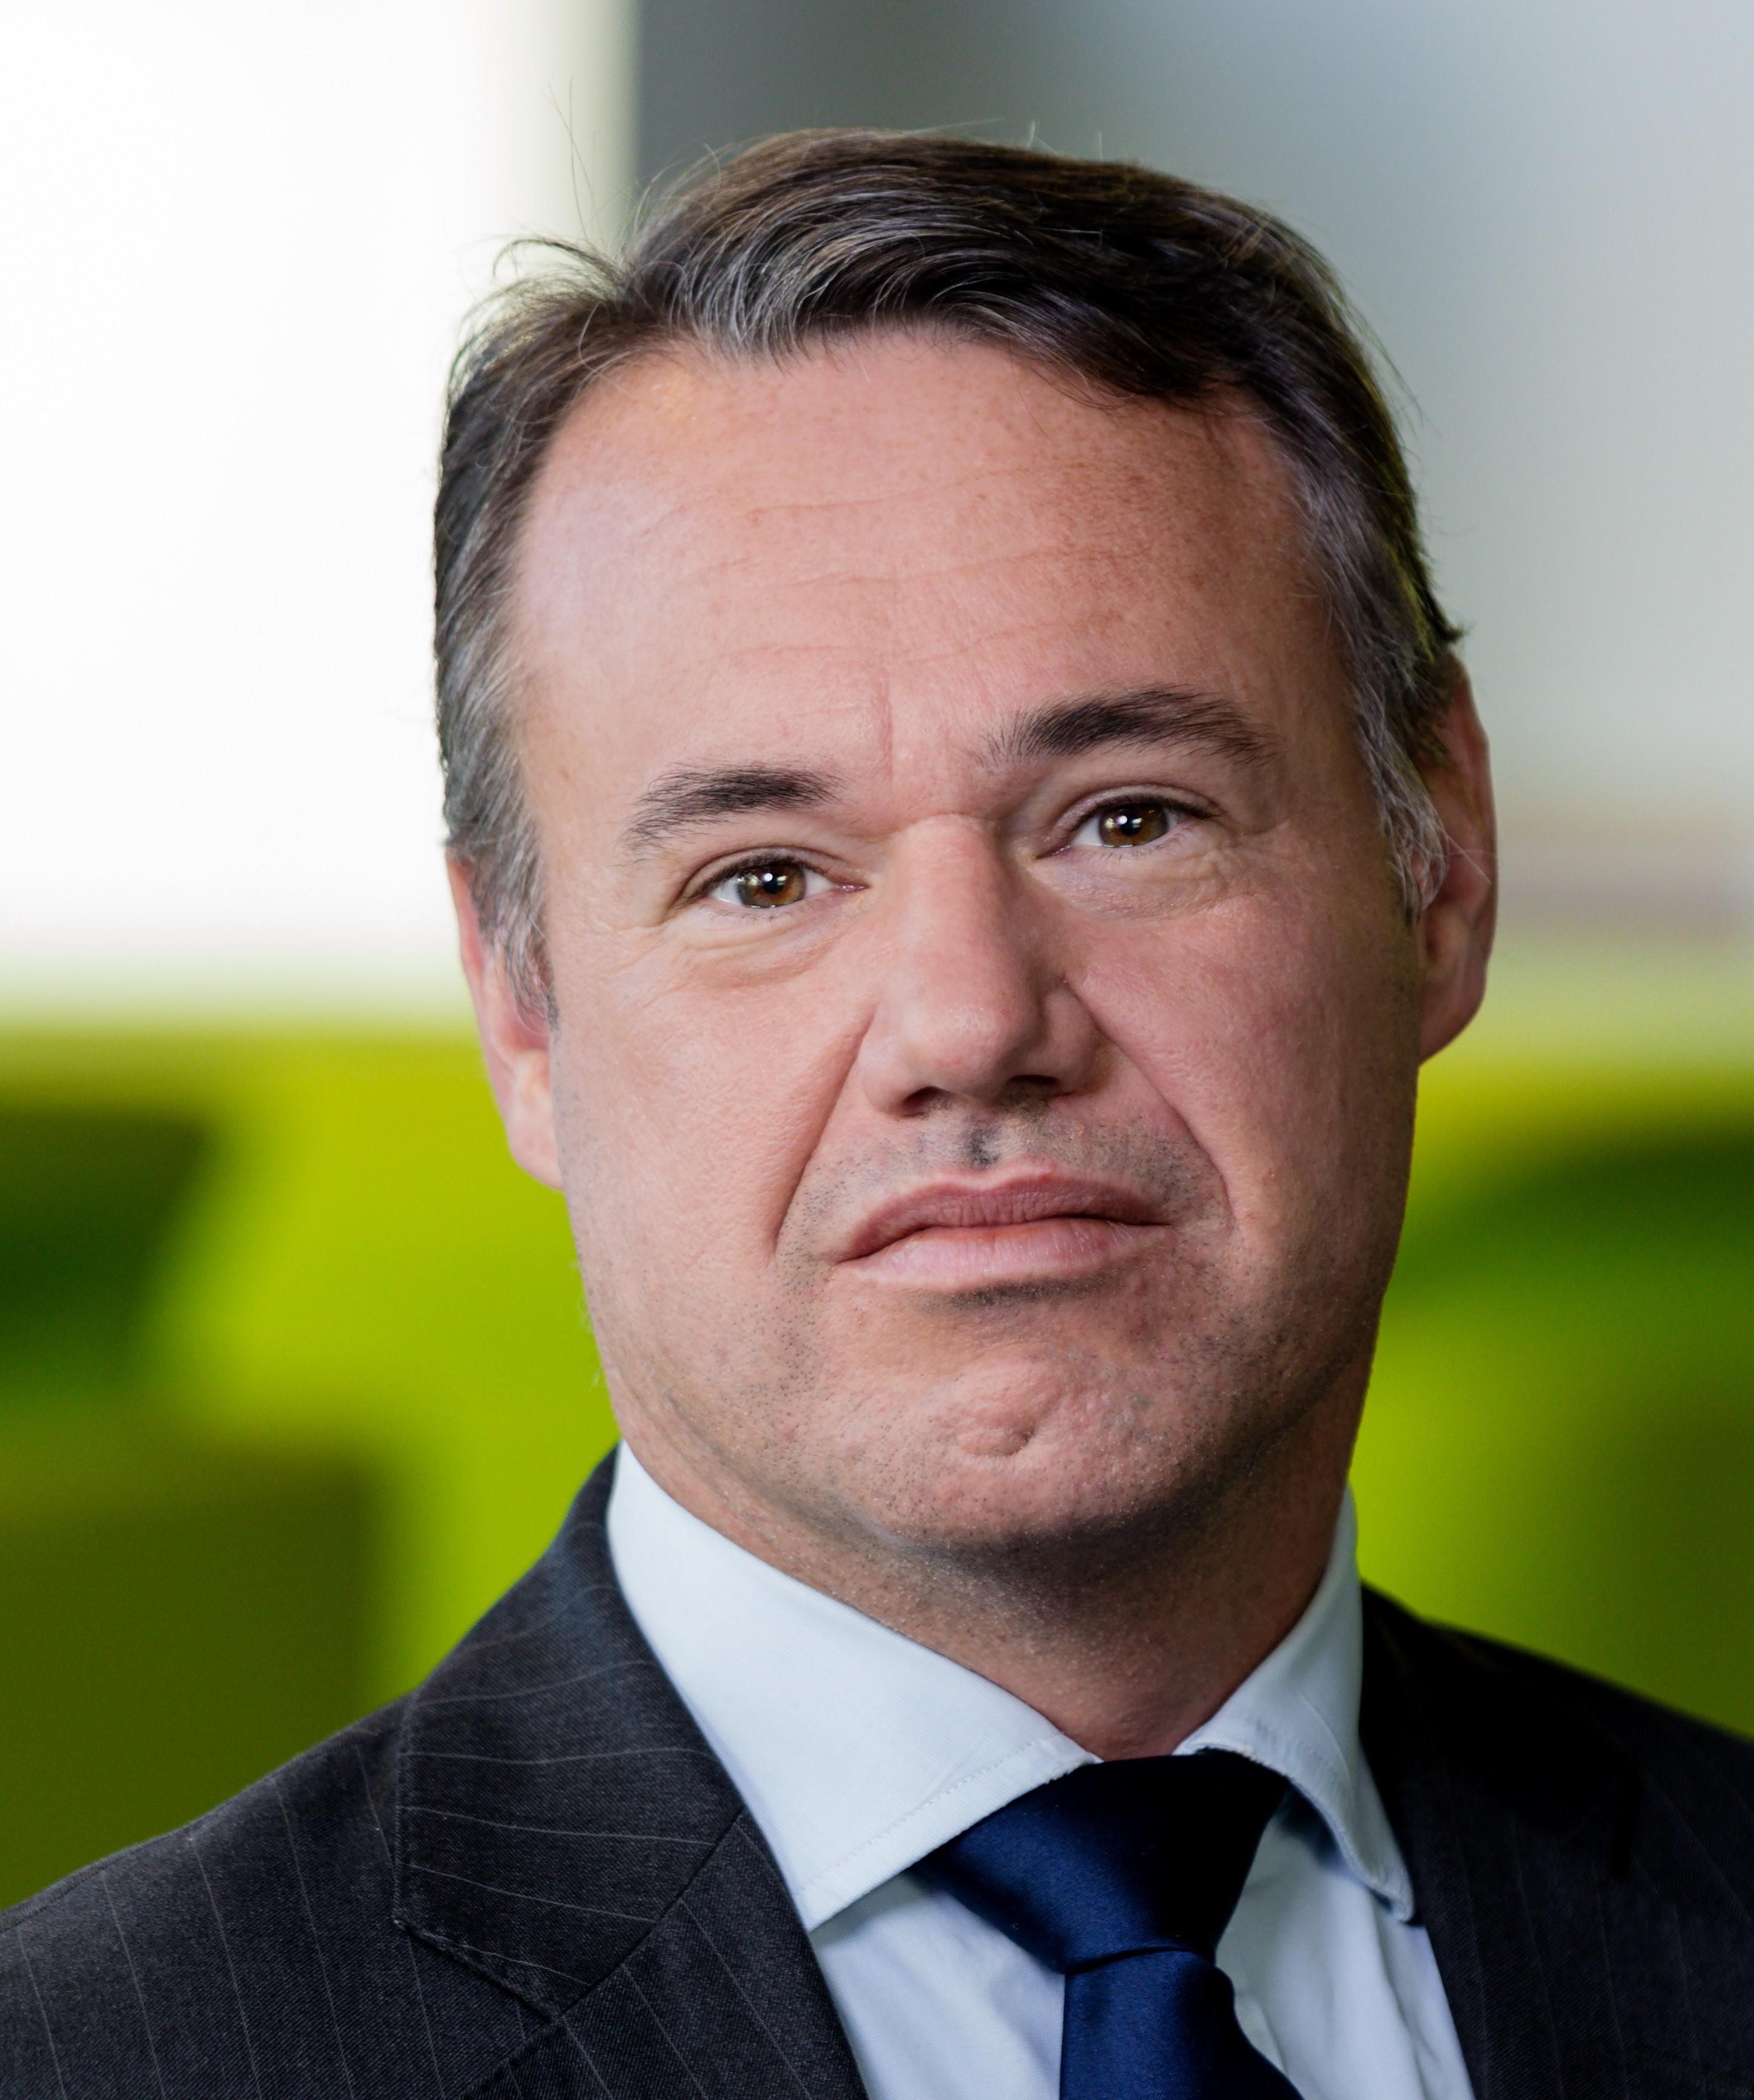 Hans Op 't Veld